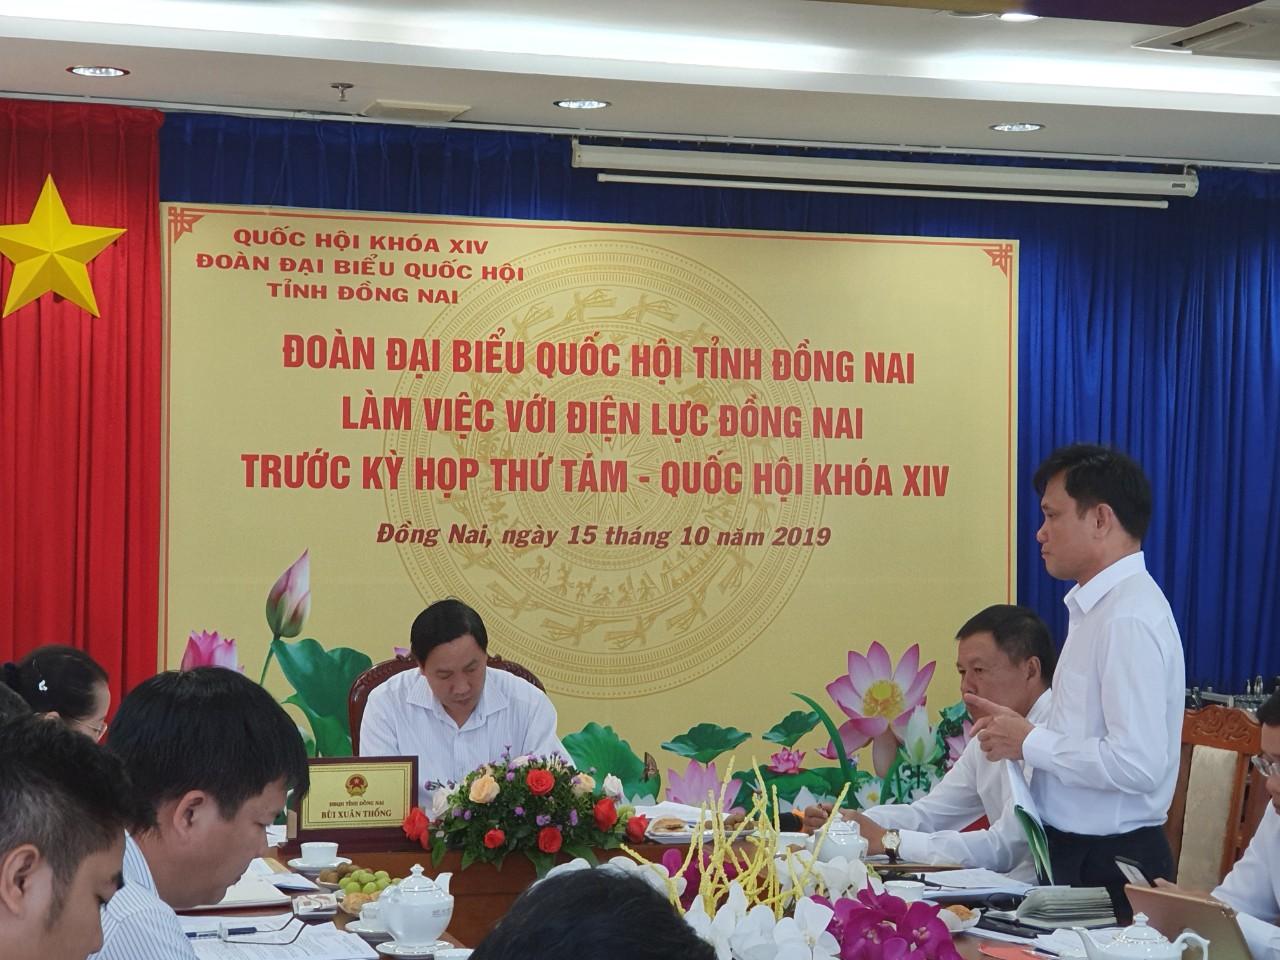 PC Đồng Nai: Đầu tư các công trình điện đang gặp nhiều khó khăn